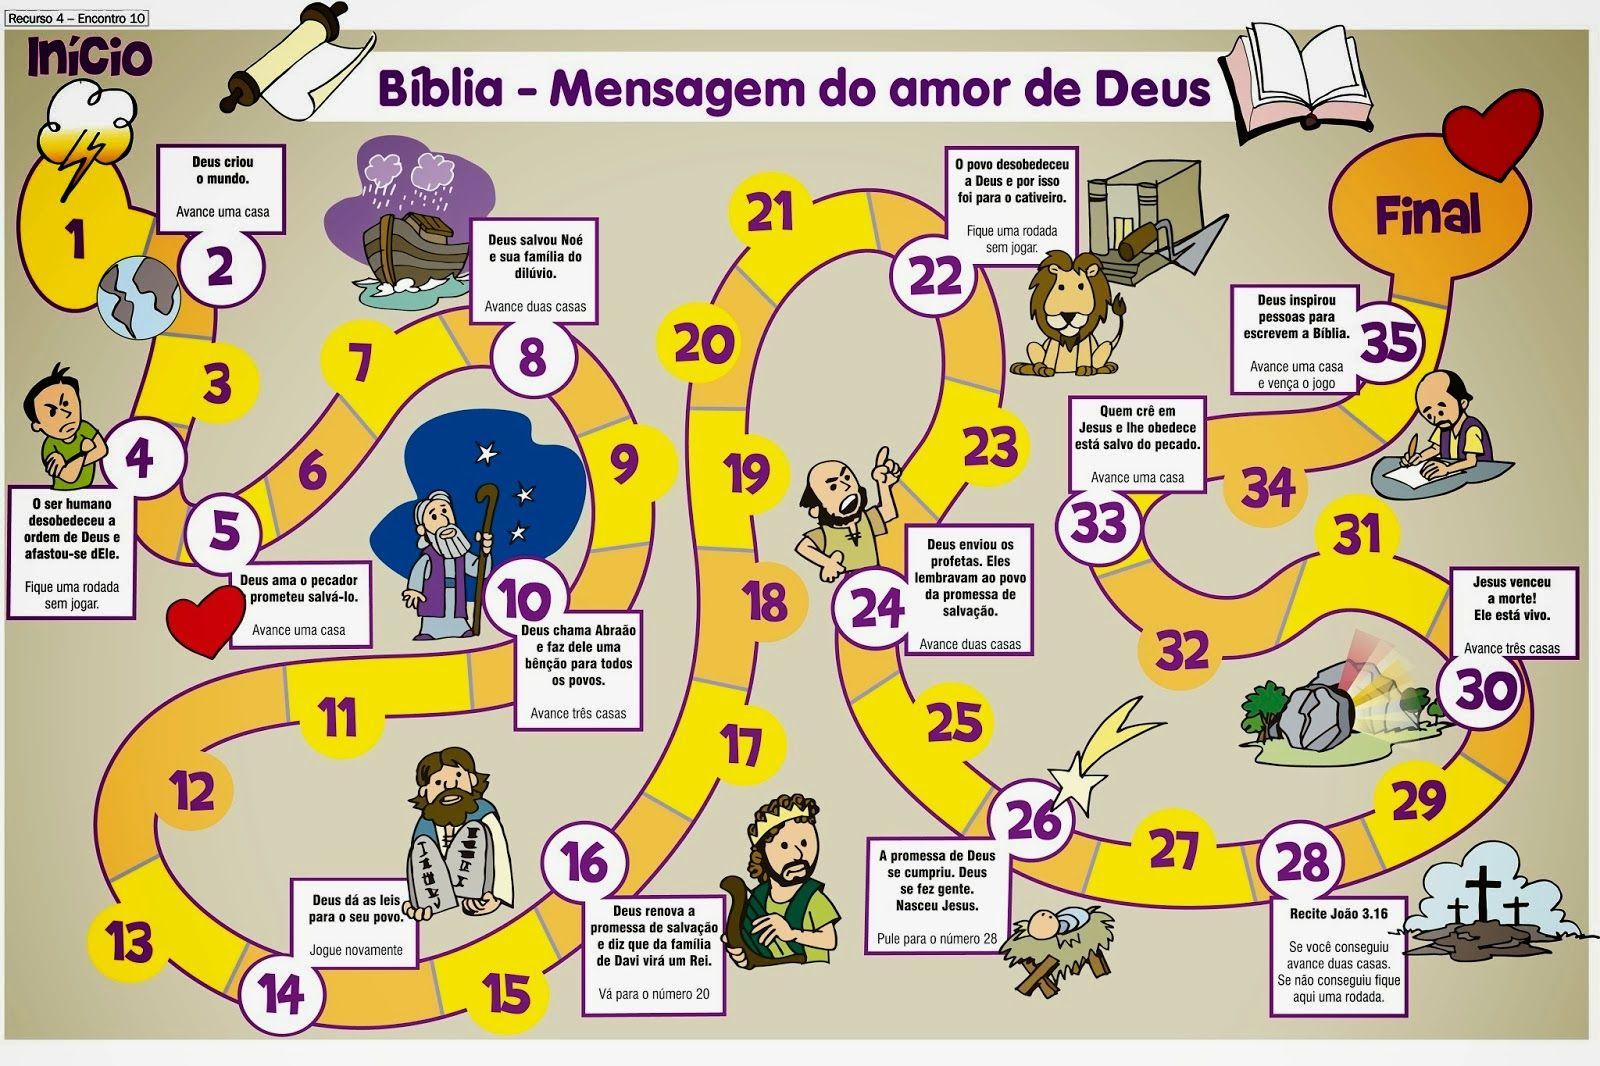 Brincadeiras Biblicas Licoes Biblicas Para Criancas Biblia Infantil